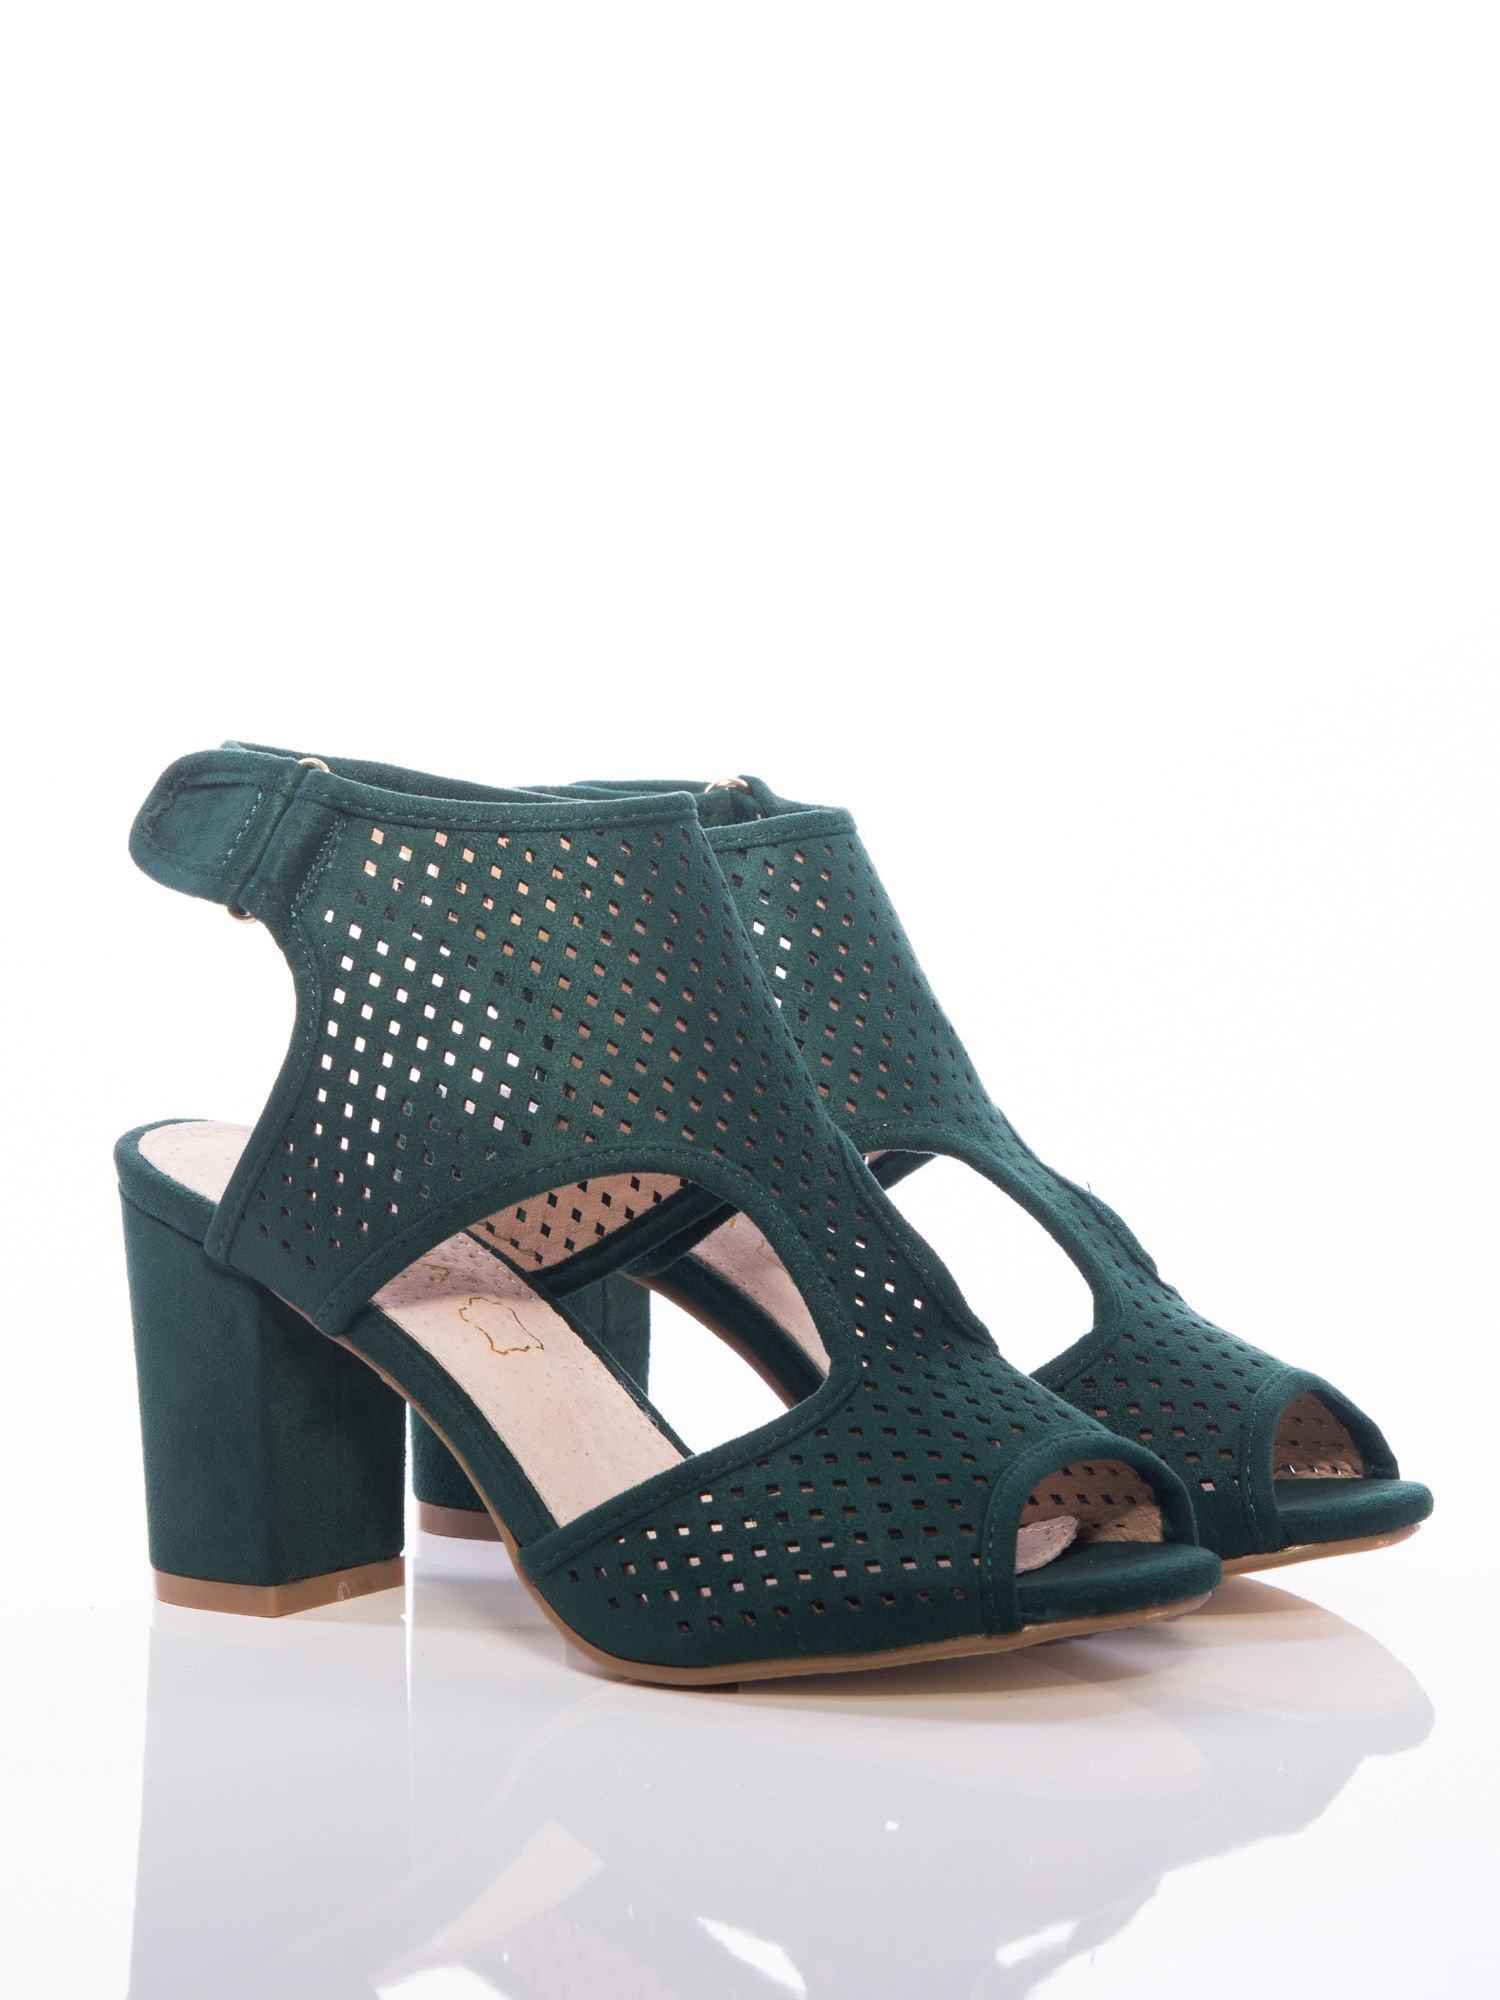 717ccfdbfa259 Zielone sandały Sabatina z ażurową cholewką